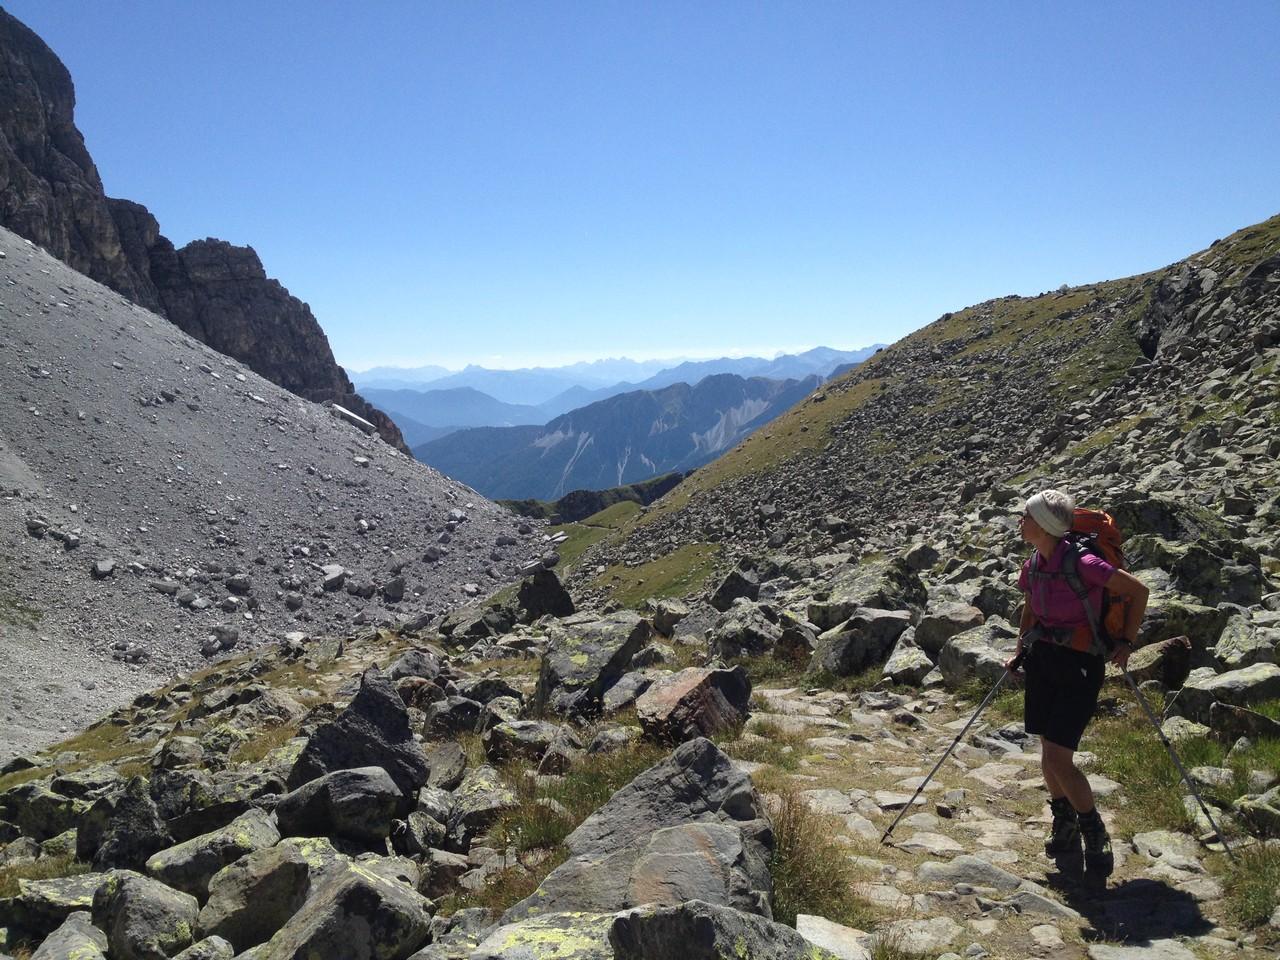 Erholung finden beim Wandern